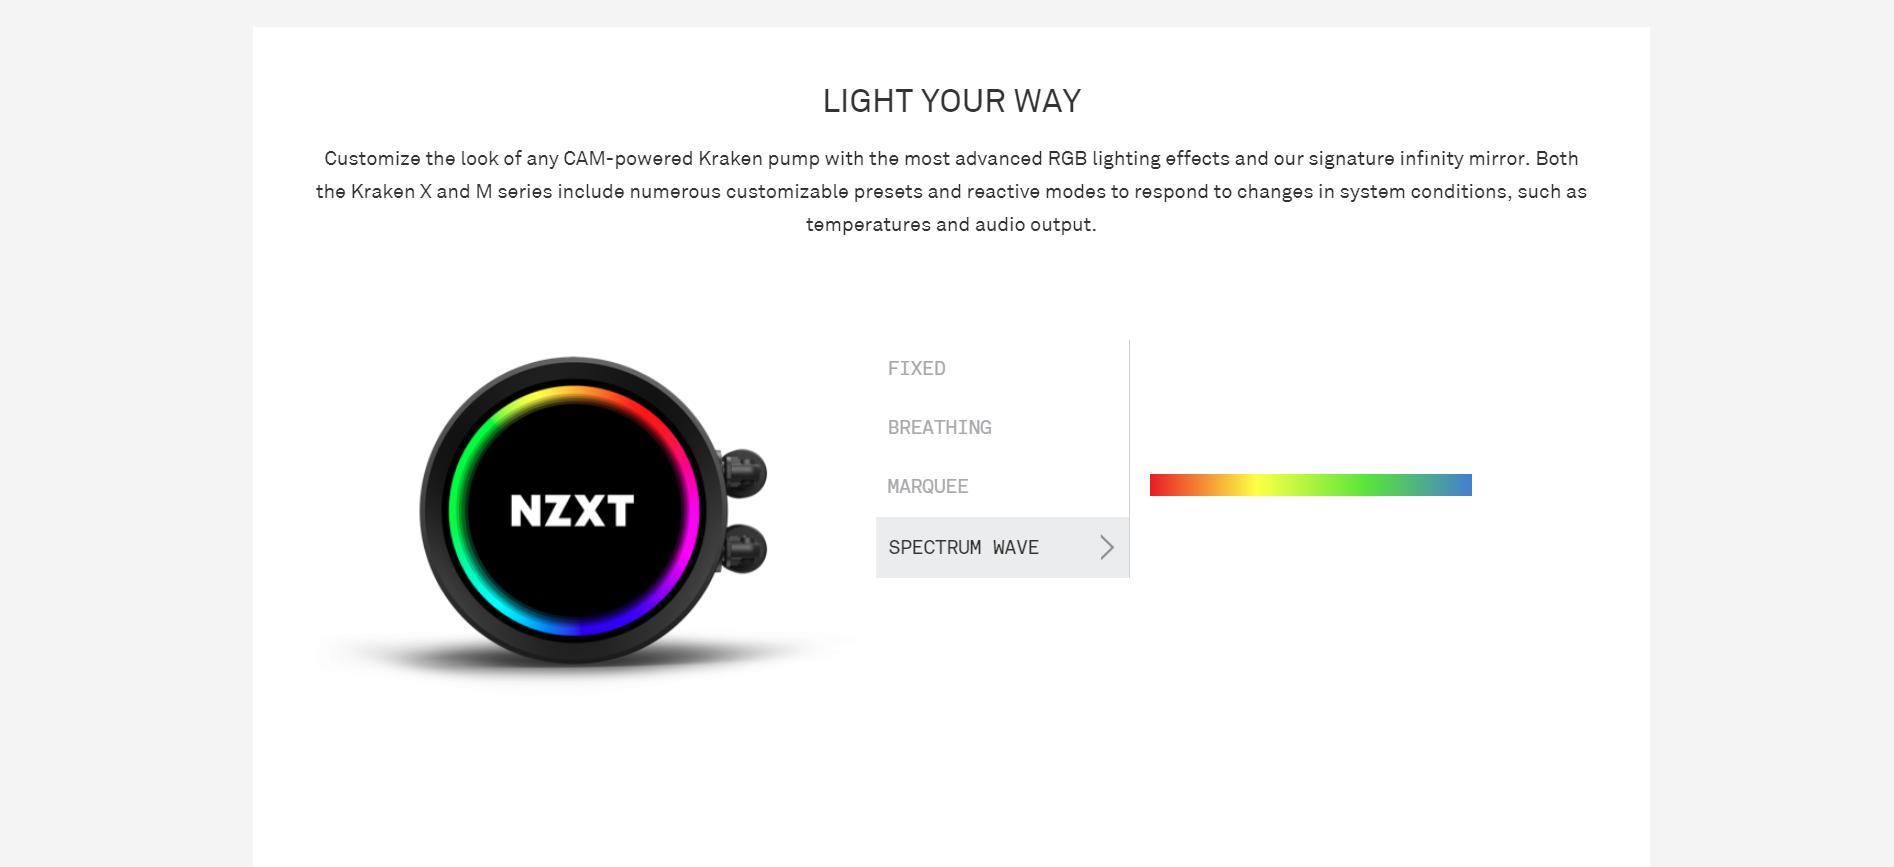 Tản nhiệt nước CPU NZXT Kraken X53 có thể tuỳ chỉnh giao diện bên ngoài thông qua phần mềm CAM, các profile có sẵn để có thể tùy chọn tùy chỉnh ánh sáng tiện lợi